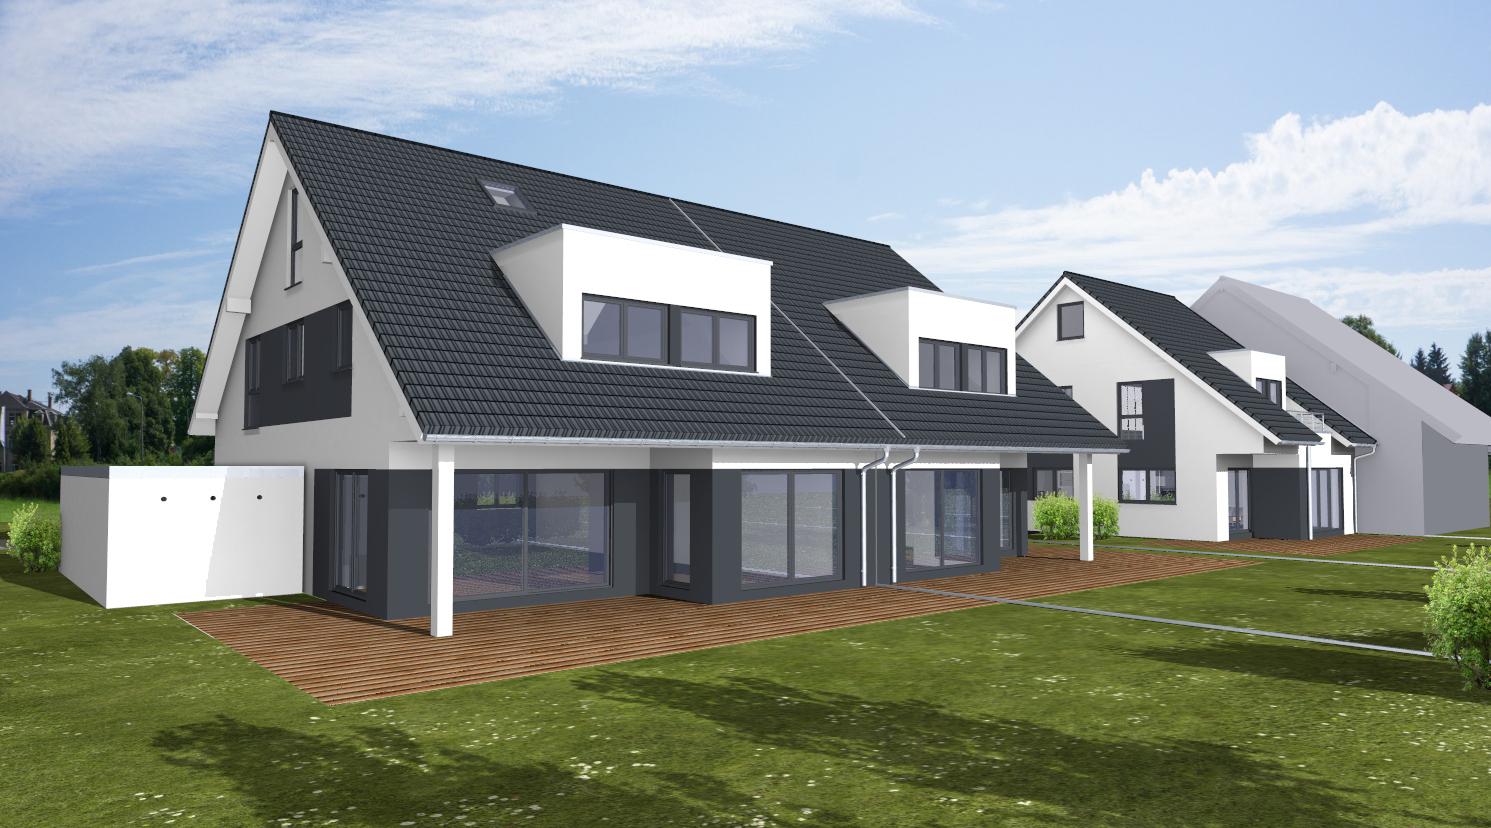 Bauvorhaben 3 Doppelhaushälften in Hürth / www.artos-haus.de Visualisierung Bild 5